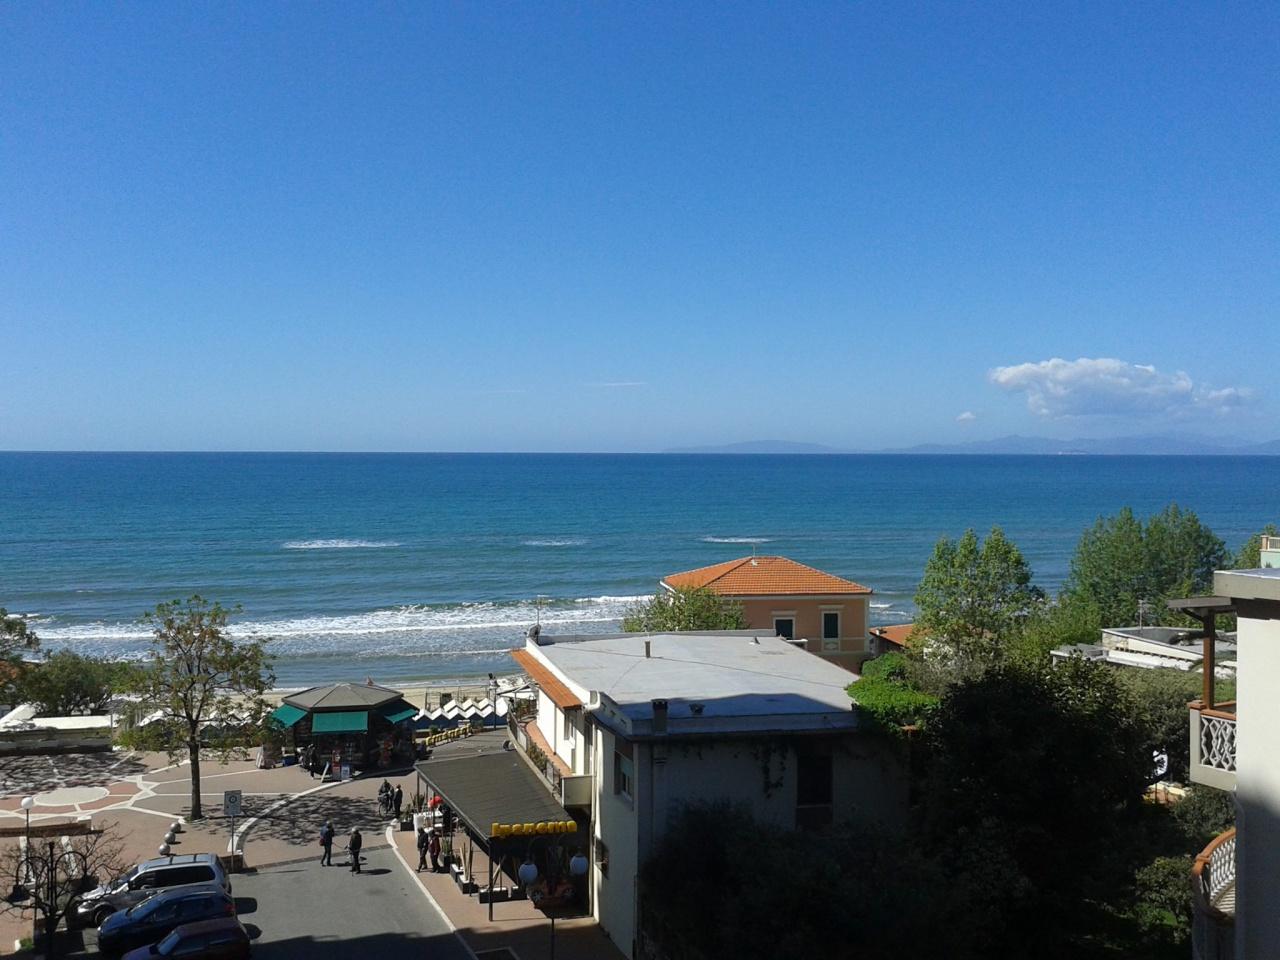 Appartamento in vendita a Follonica, 3 locali, prezzo € 215.000 | CambioCasa.it